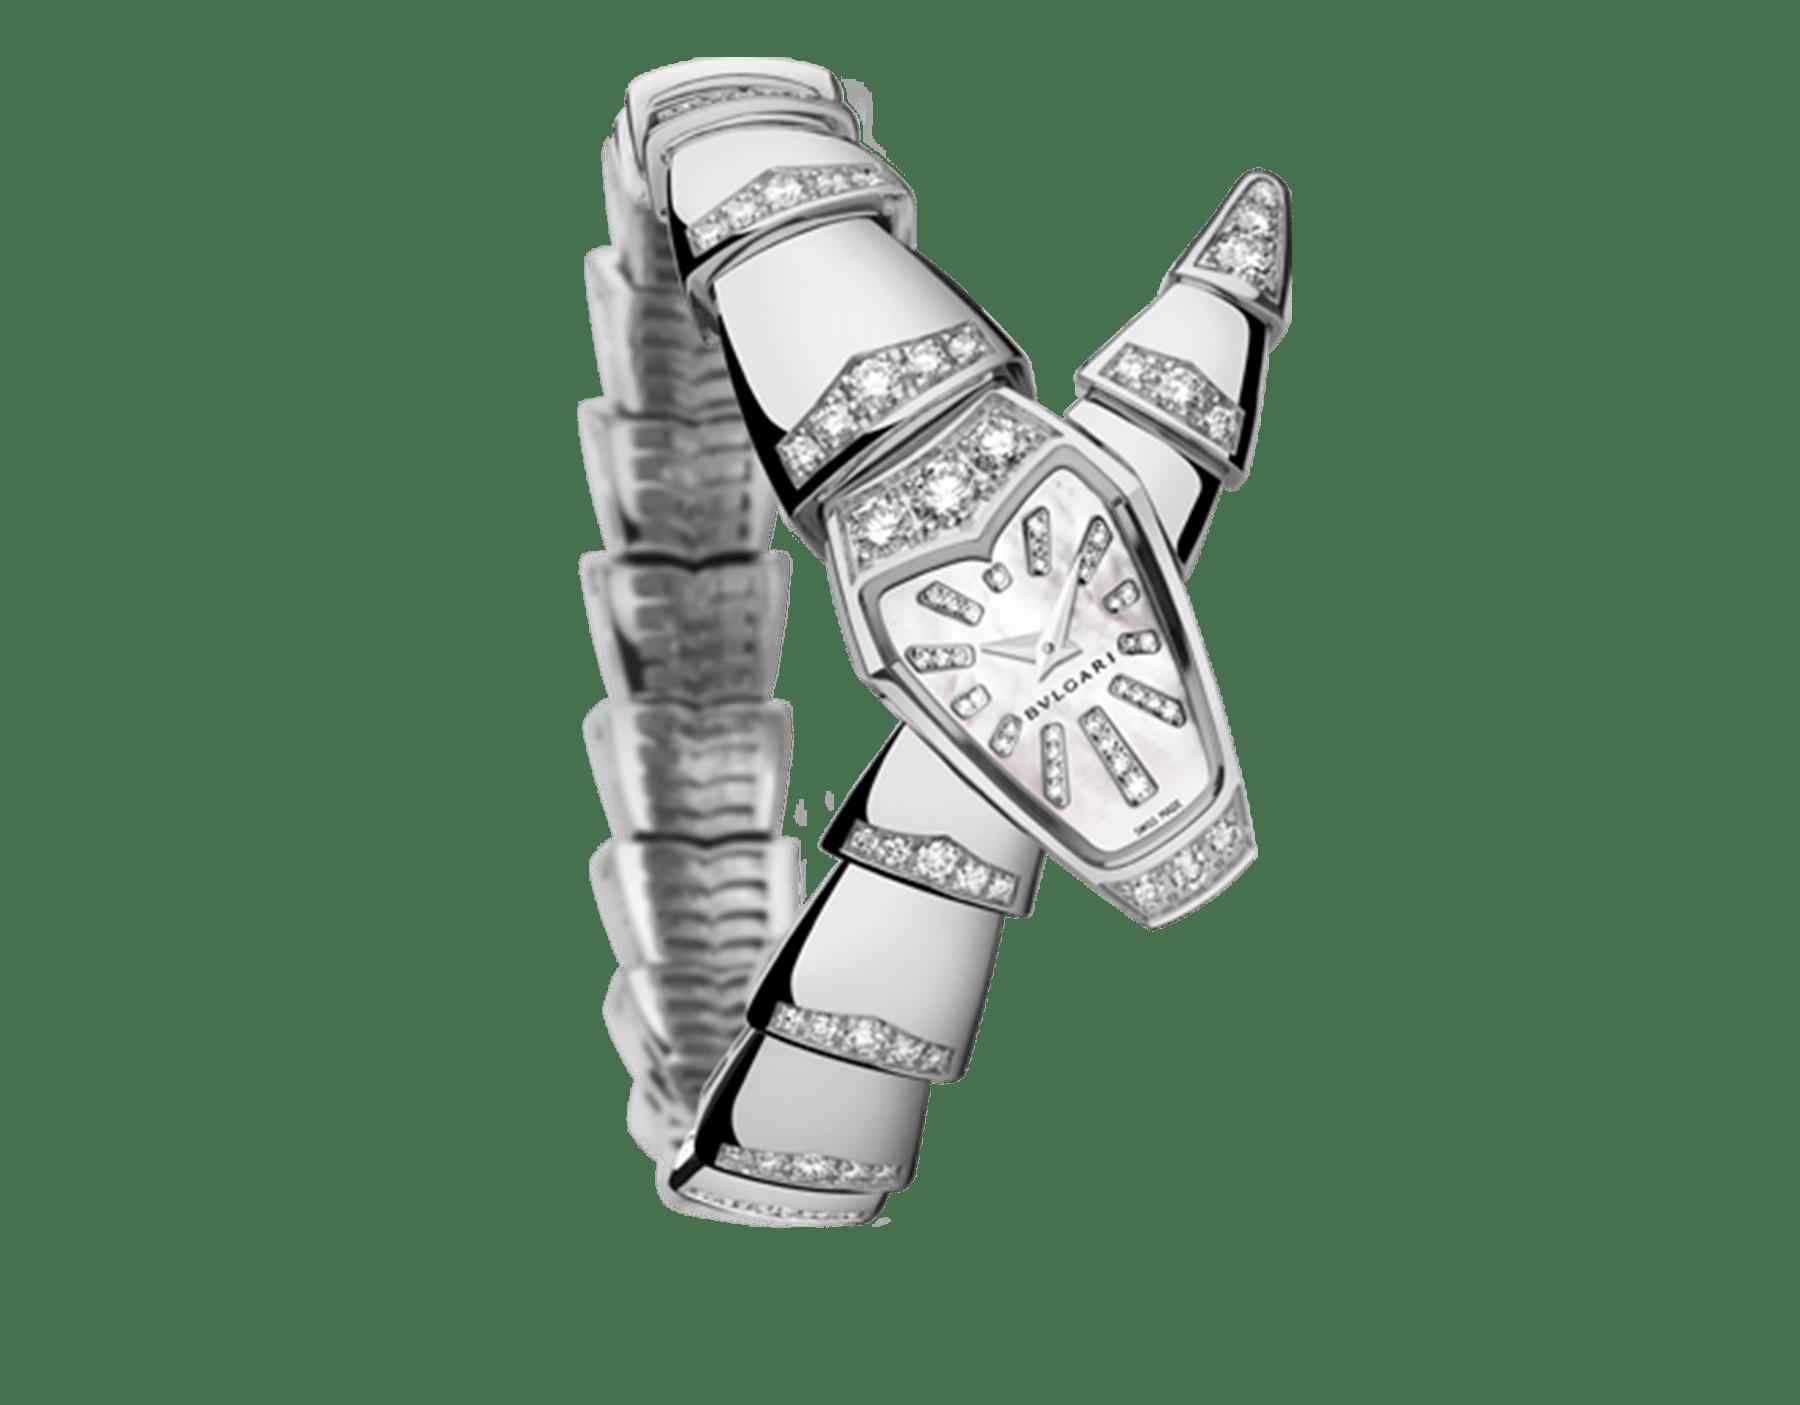 Serpenti Schmuckuhr mit Gehäuse aus 18Karat Weißgold und einfach geschwungenem Armband, beide mit Diamanten im Brillantschliff besetzt, weißes Perlmuttzifferblatt und Diamantindizes. 102366 image 1